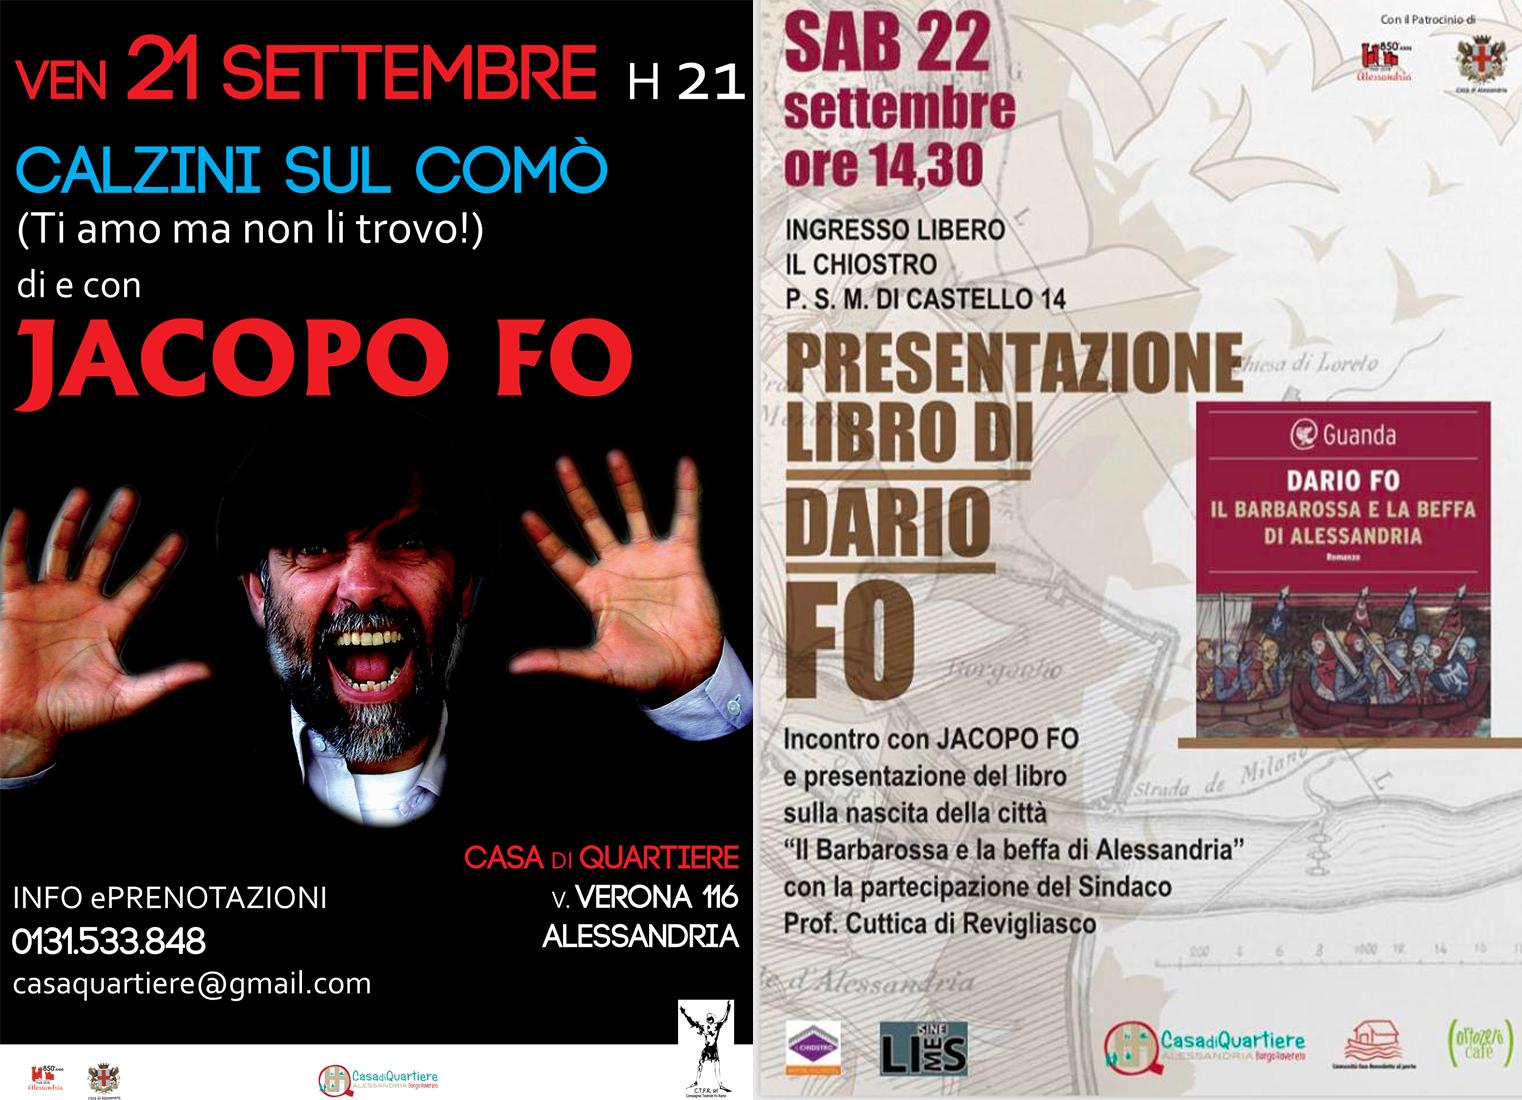 Jacopo Fo ad Alessandria 21-22 settembre